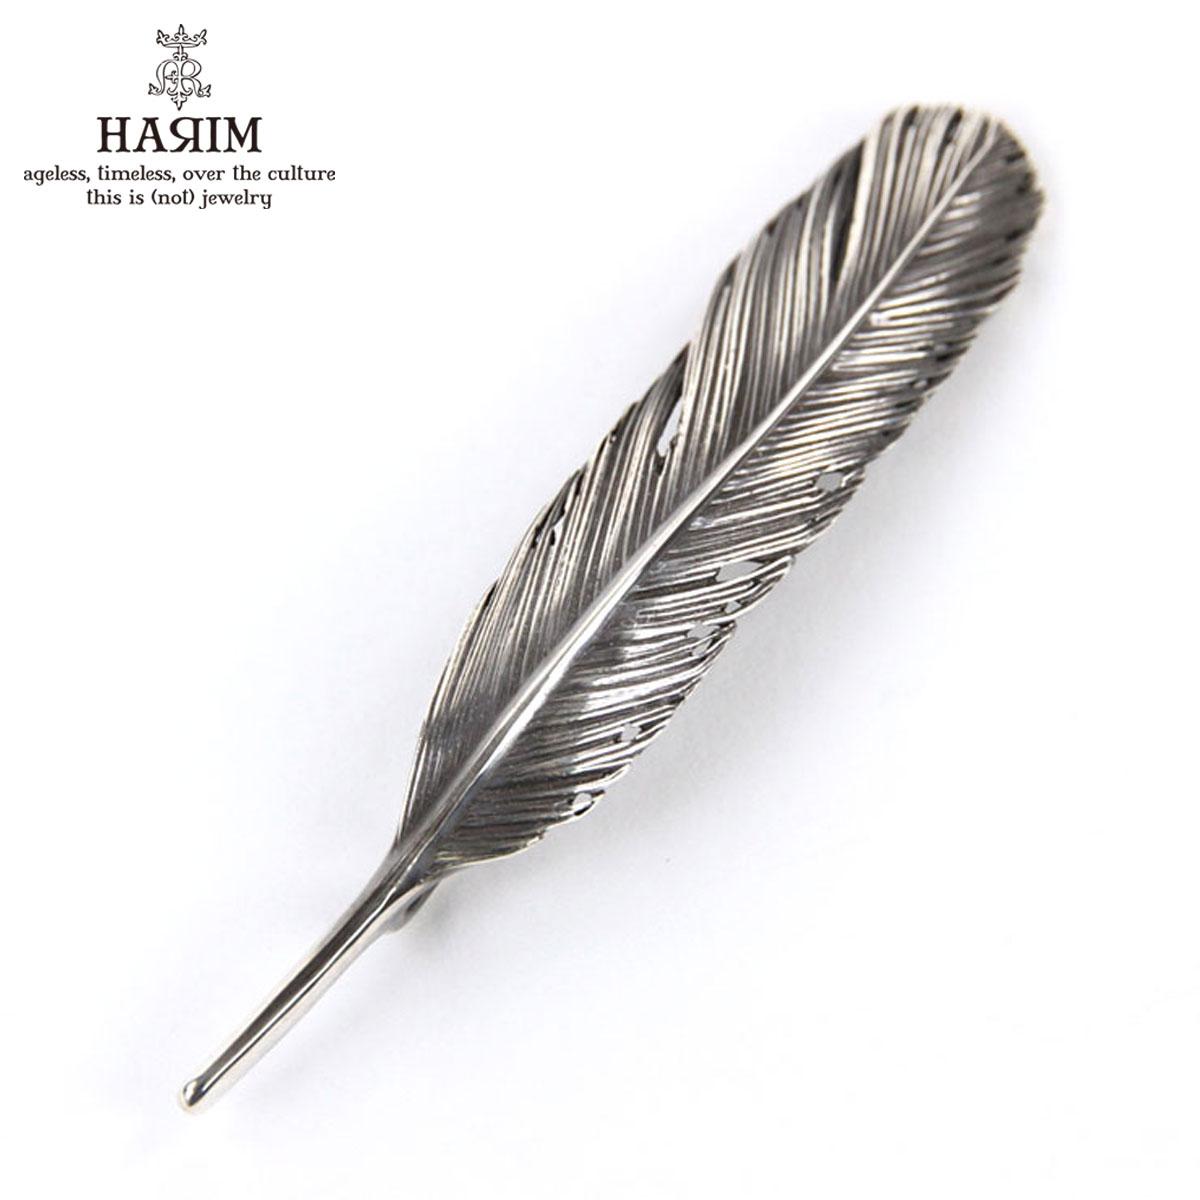 ハリム HARIM ペンダントトップ(チェーン別売り) HARIM FEATHER LEFT M HRT005 WH/OX SILVER 925 OXIDIZED BLACK